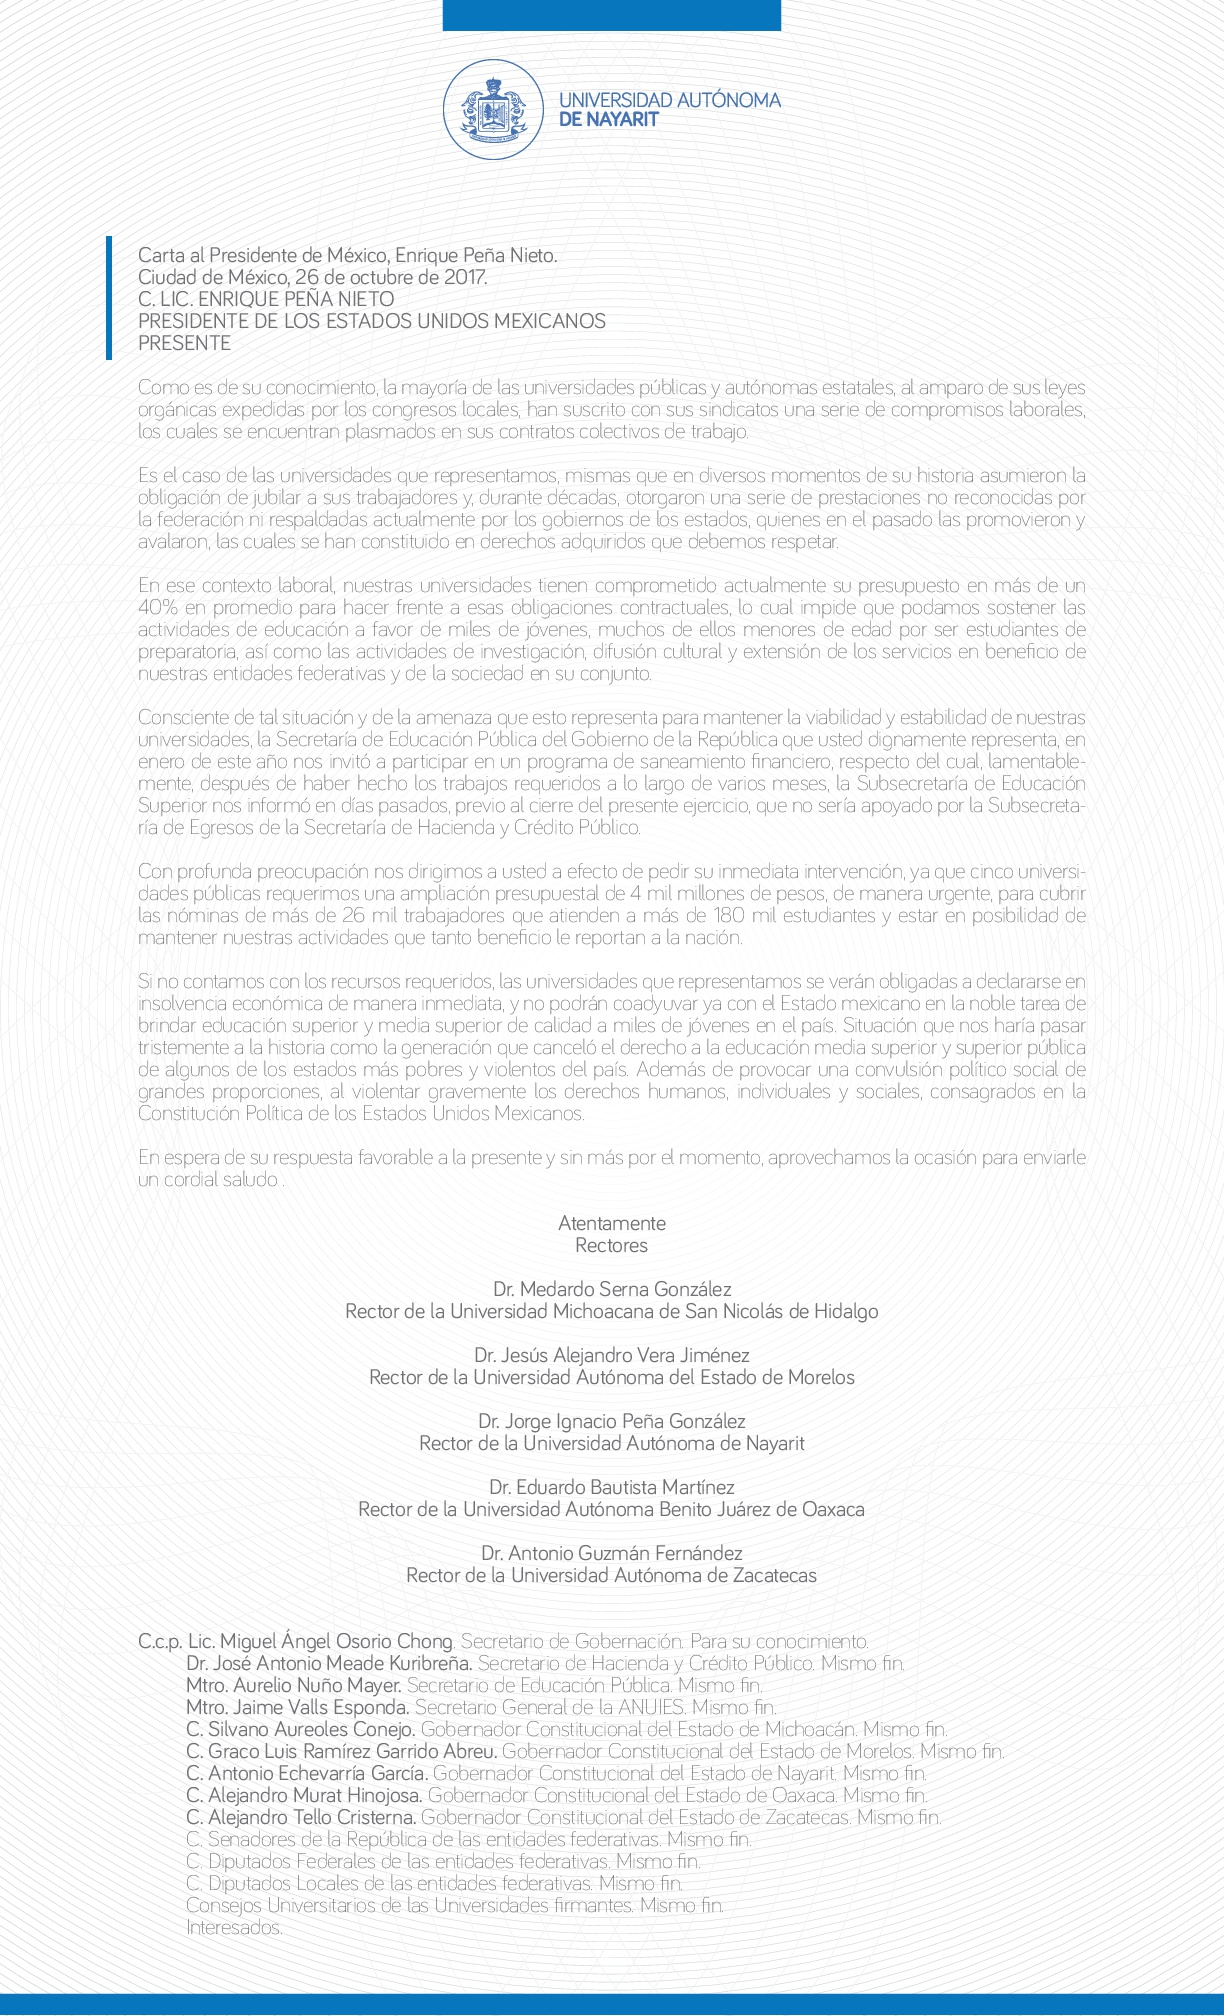 Carta al presidente de mxico por parte de universidades pblicas thecheapjerseys Choice Image